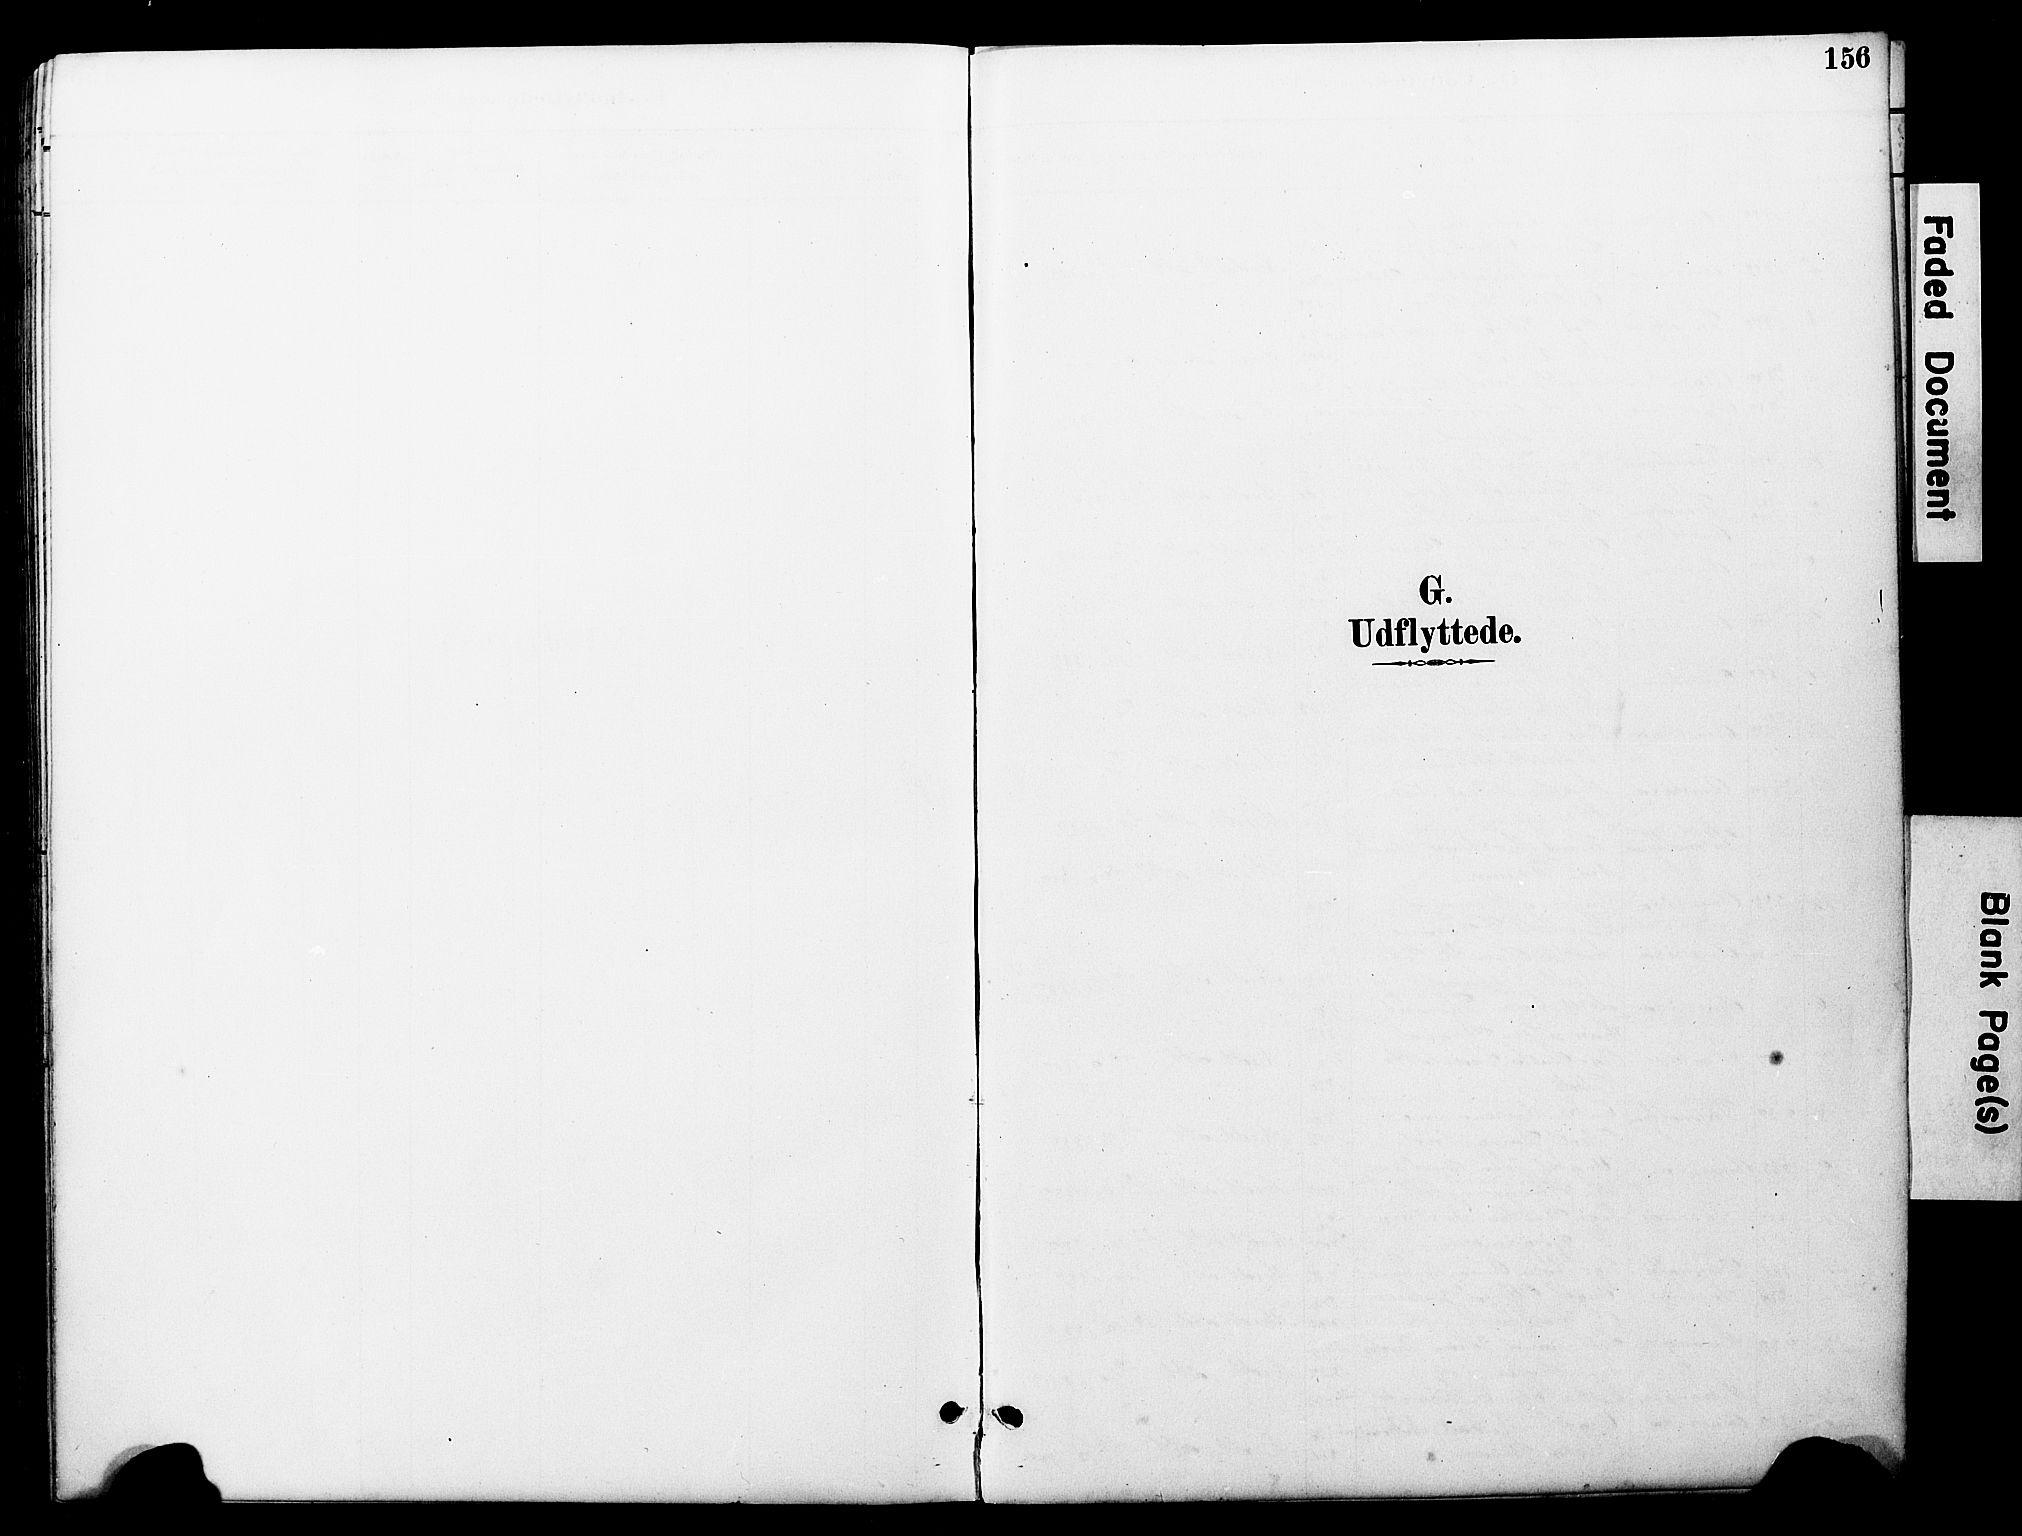 SAT, Ministerialprotokoller, klokkerbøker og fødselsregistre - Nord-Trøndelag, 722/L0226: Klokkerbok nr. 722C02, 1889-1927, s. 156